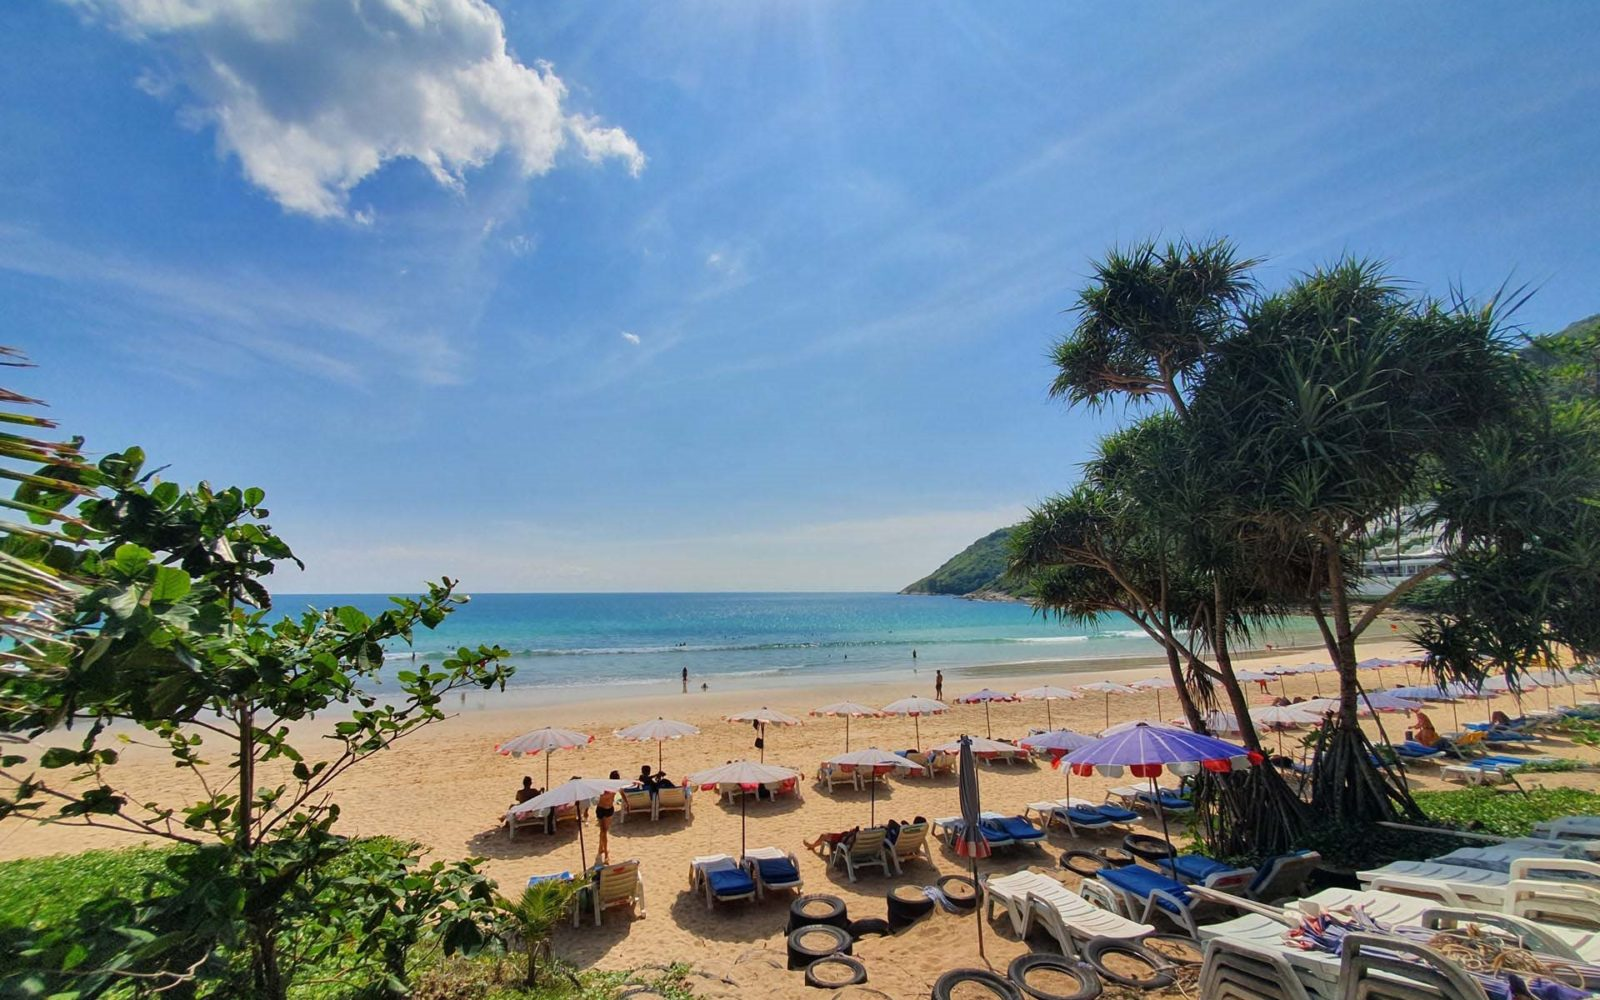 Nai Harn Beach in September, Ayurveda, Wellness, Yoga Retreats, Phuket Thailand, Mangosteen Ayurveda & Wellness Resort, Number 1 Ayurveda Resort in Thailand, Rawai, Phuket.